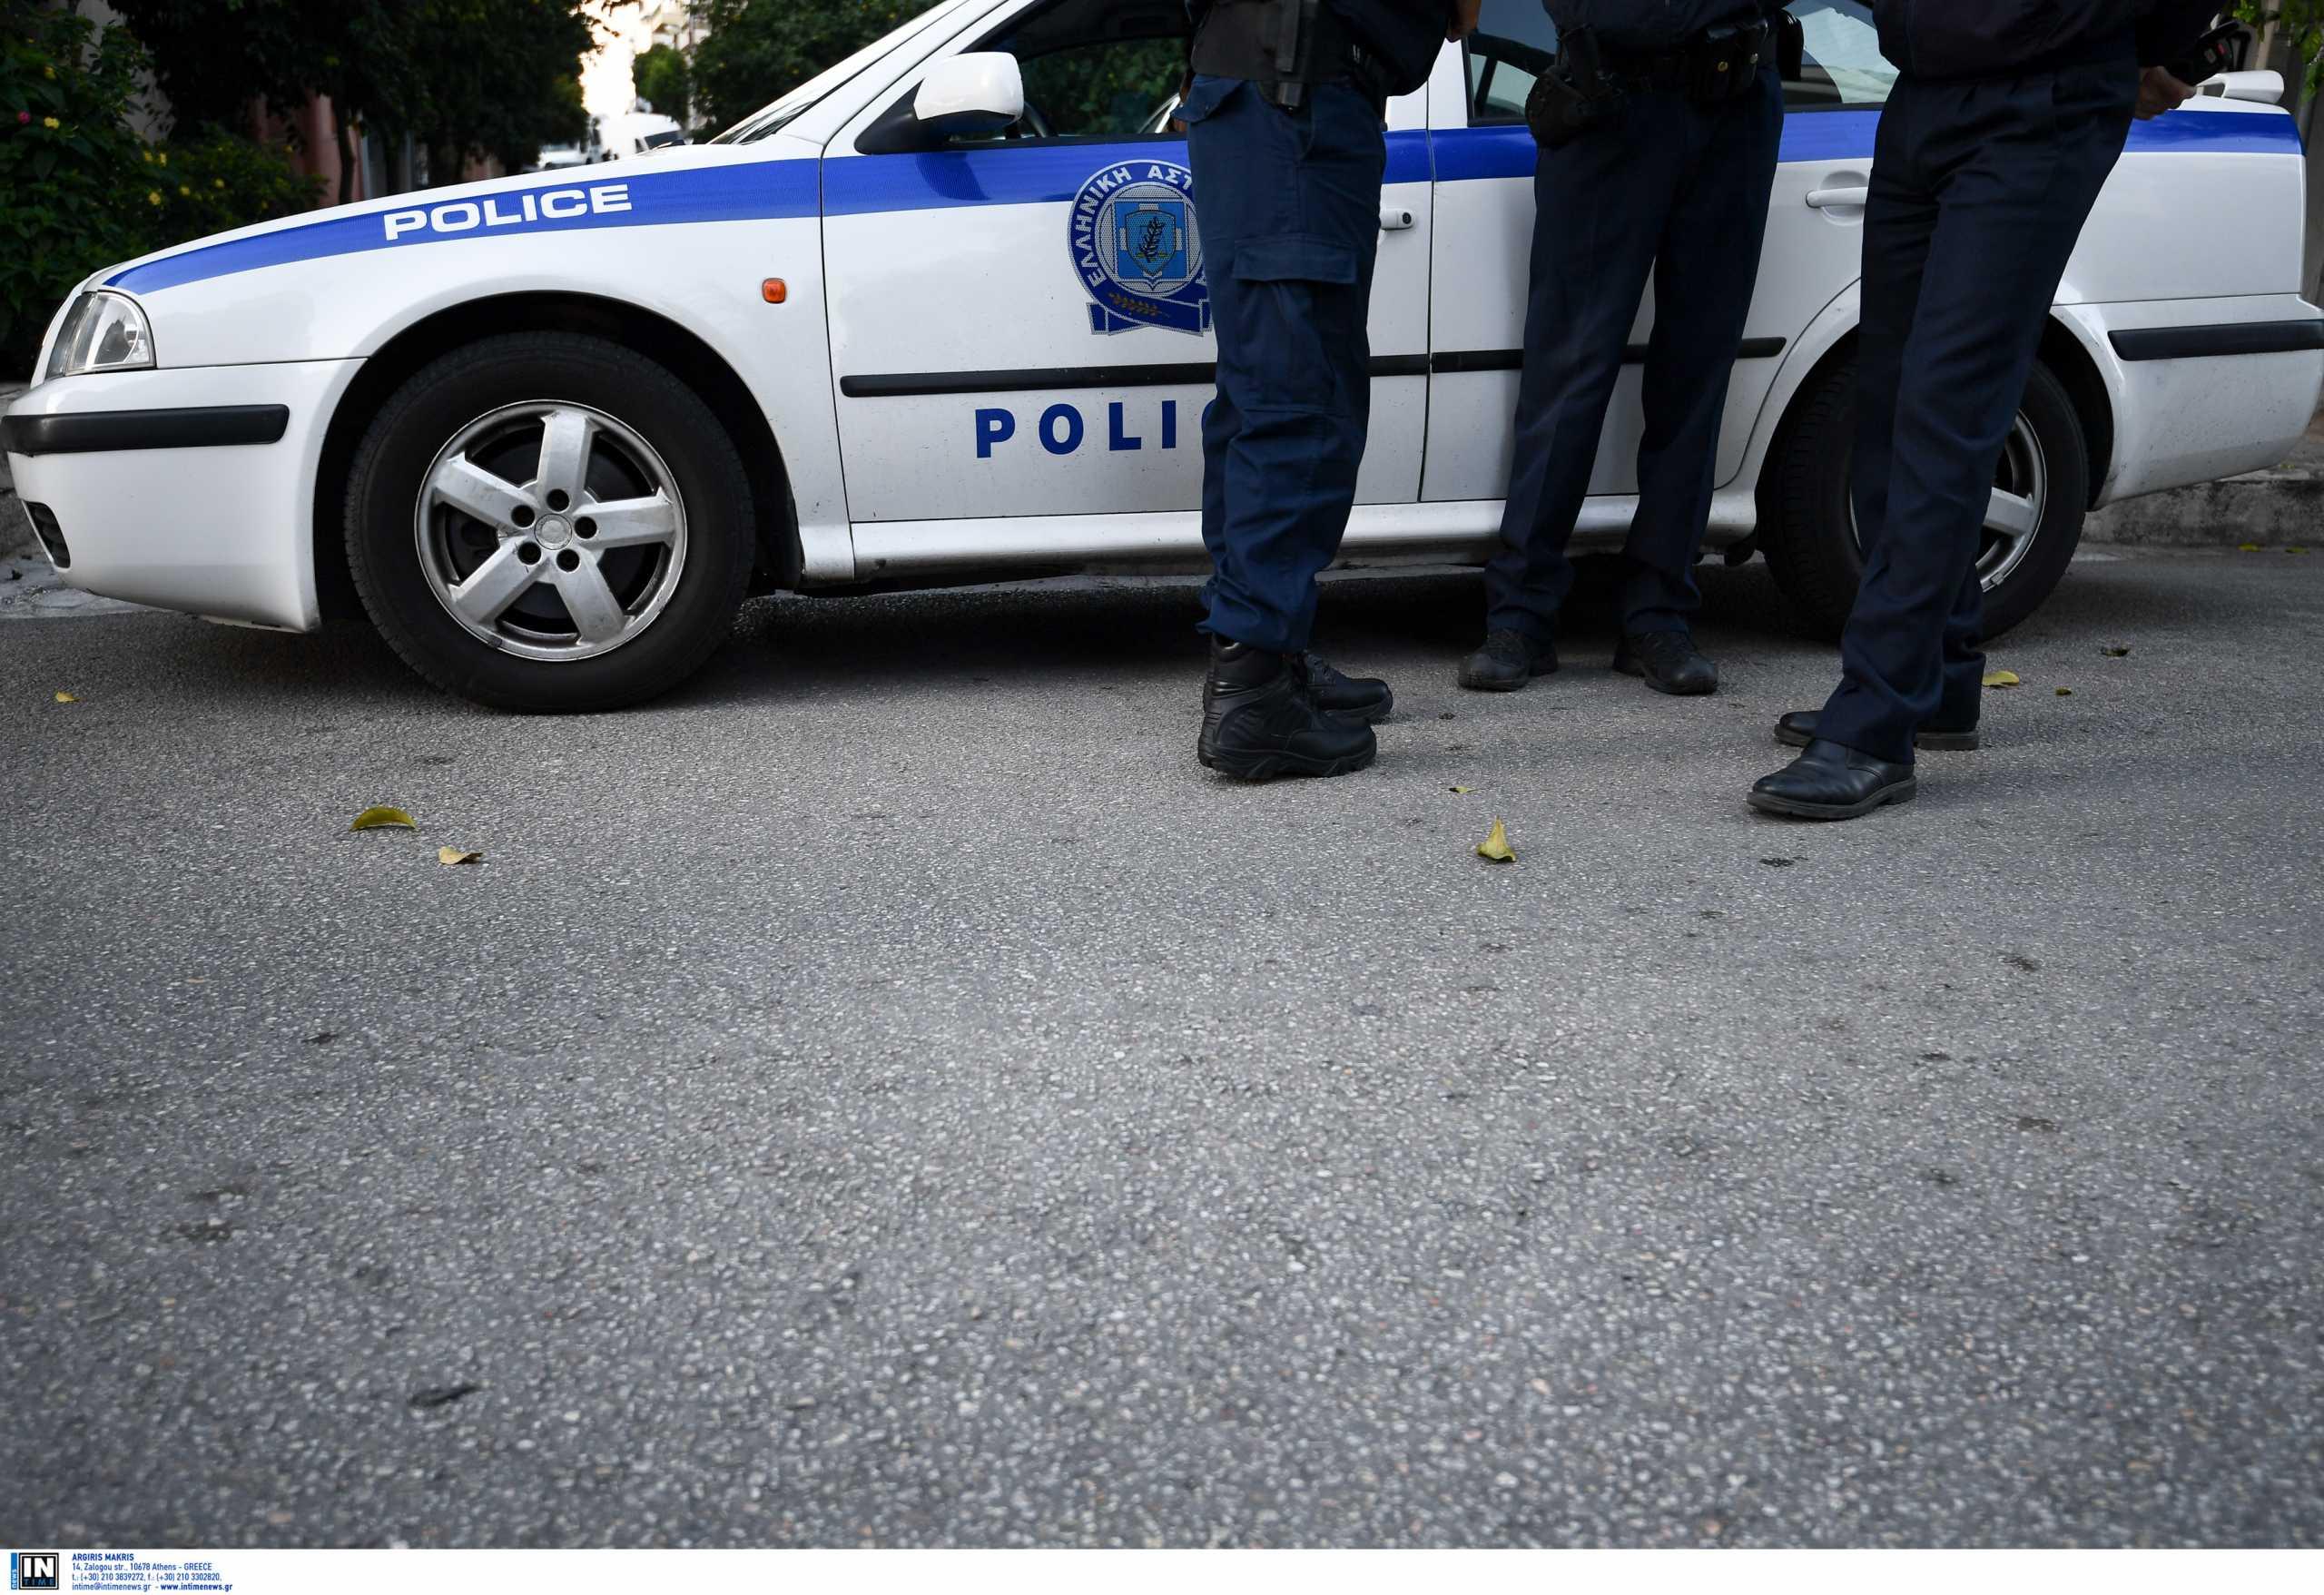 Θεσσαλονίκη: Θρίλερ με πτώμα άντρα σε ερημική περιοχή – Τα στοιχεία που δείχνουν έγκλημα